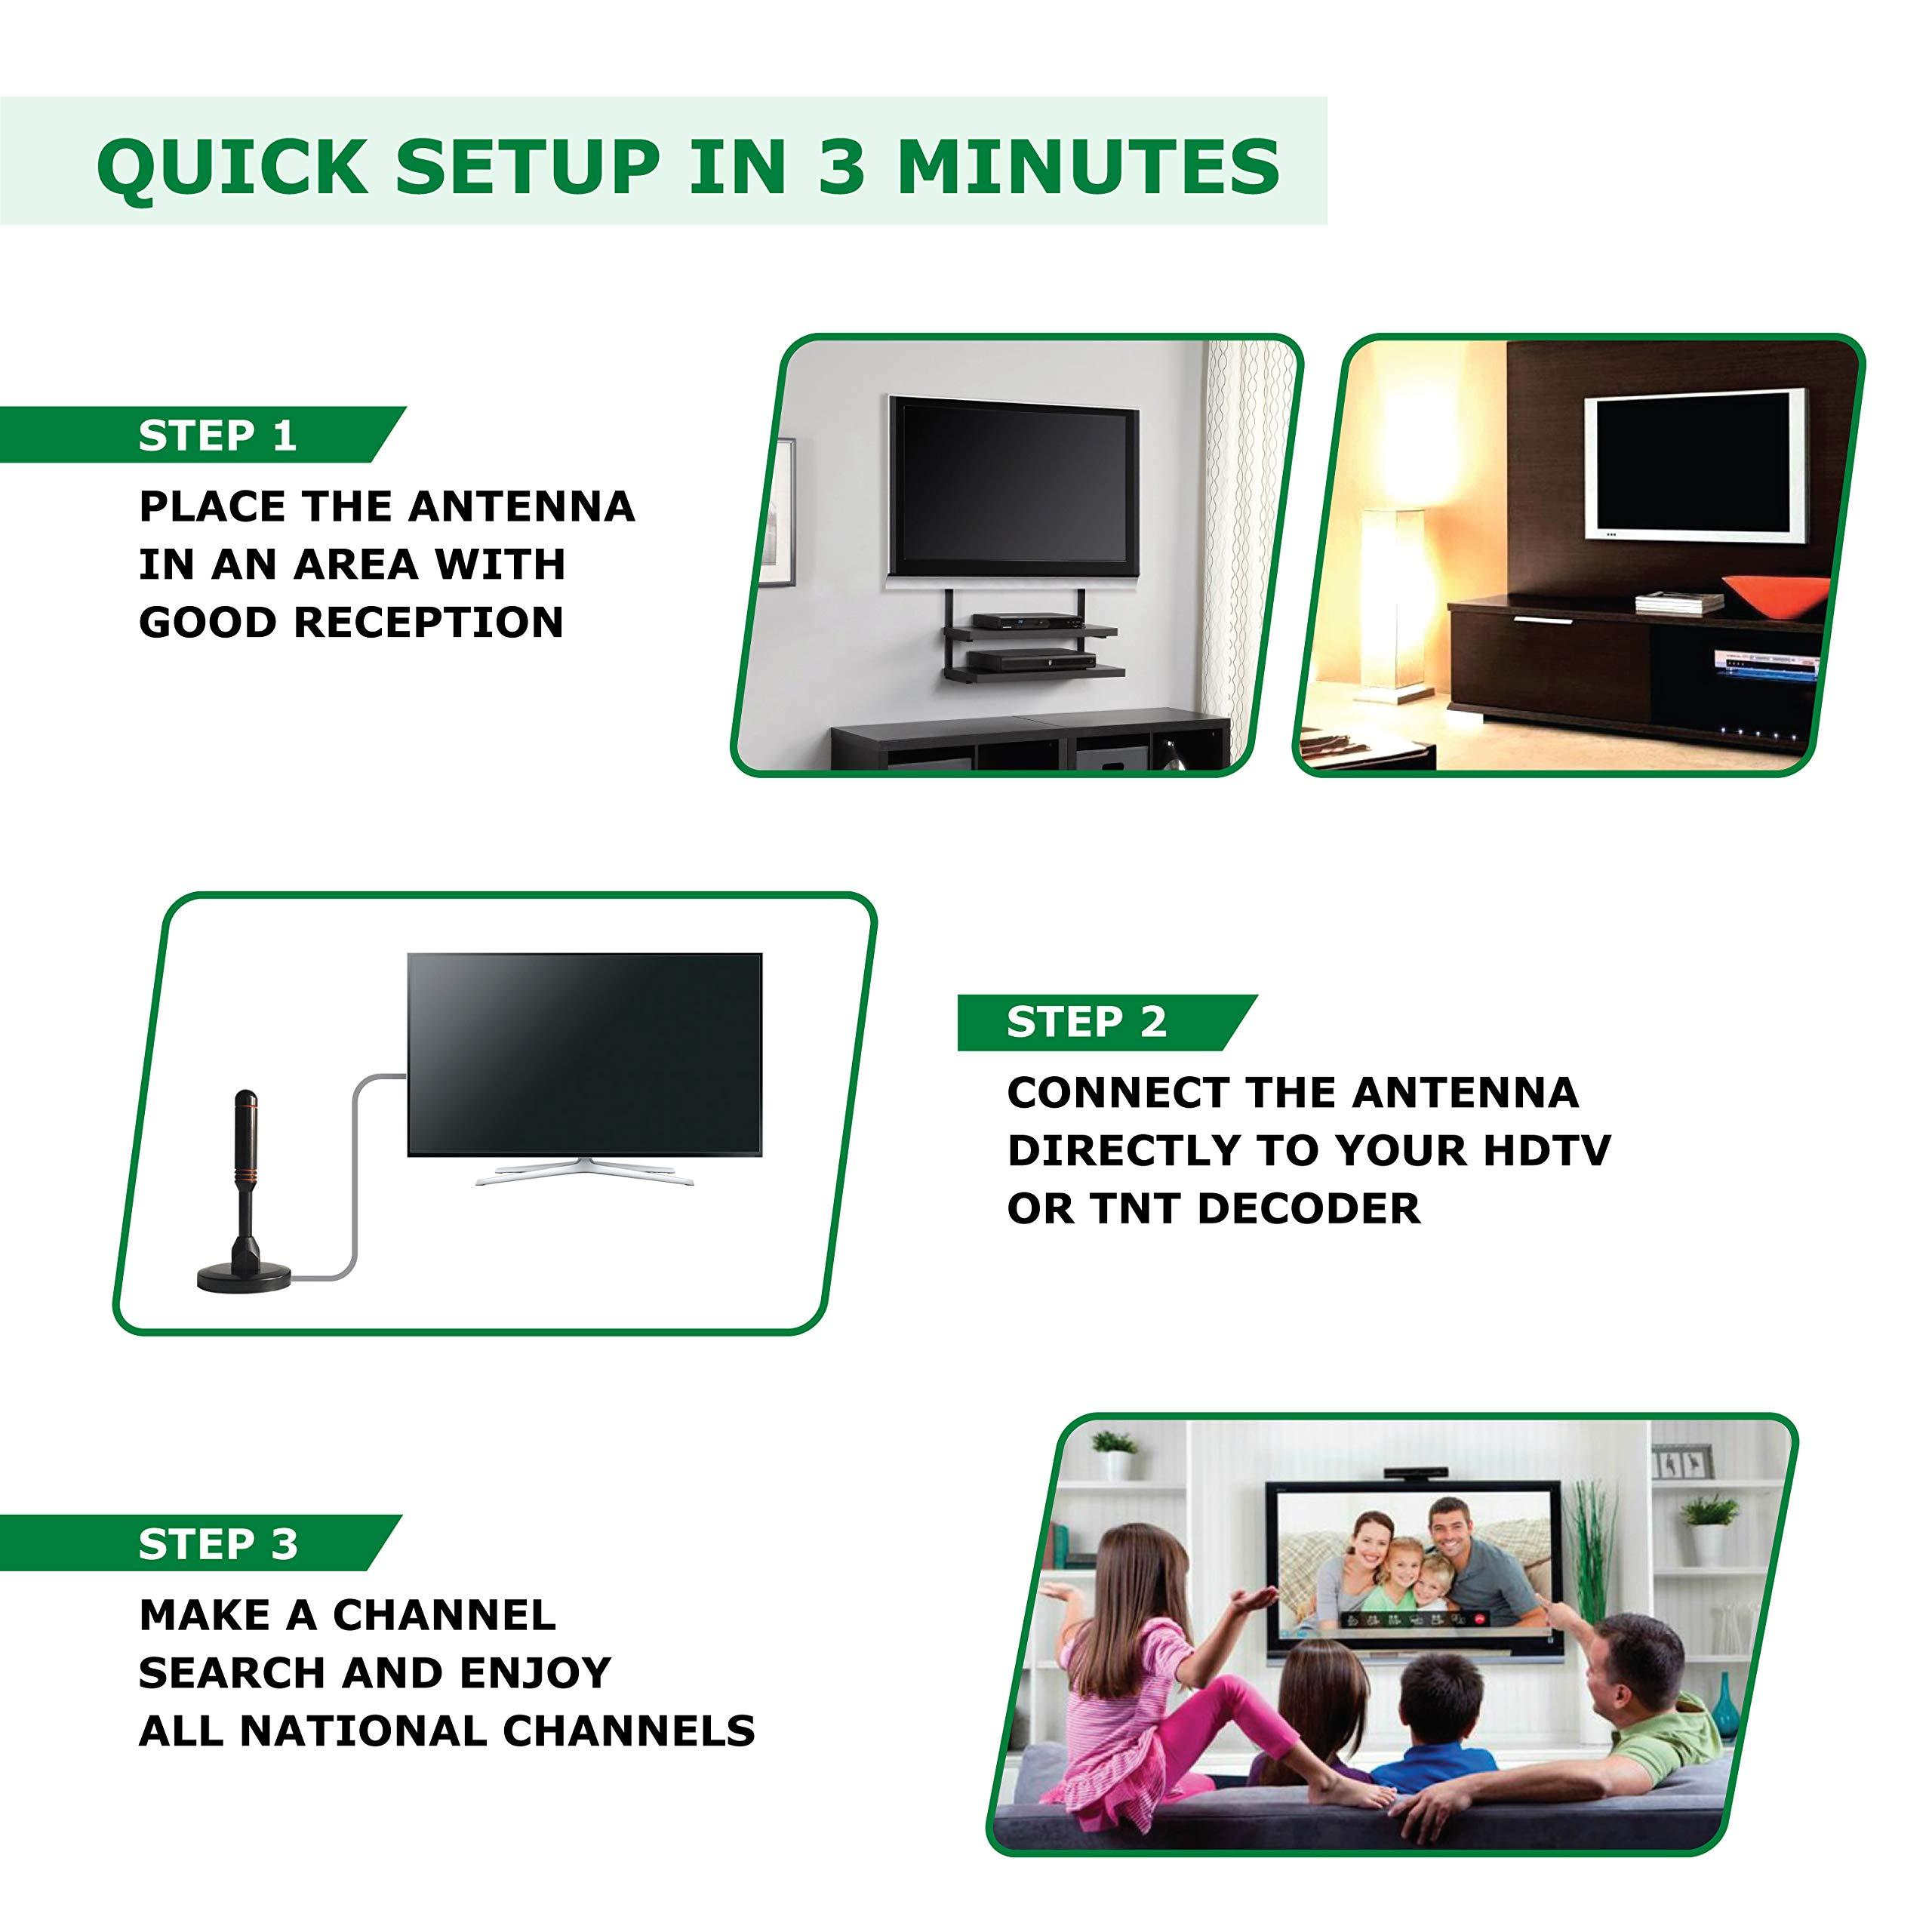 Antena TV Interior Potente, amplificador antena tv, para recepción TDT difícil, Antena TV Booster señal 200 km, Cadenas Locales gratuitas 1080P 4 K, Cable antena TV 4 m VHF, TDT Television: Amazon.es: Electrónica